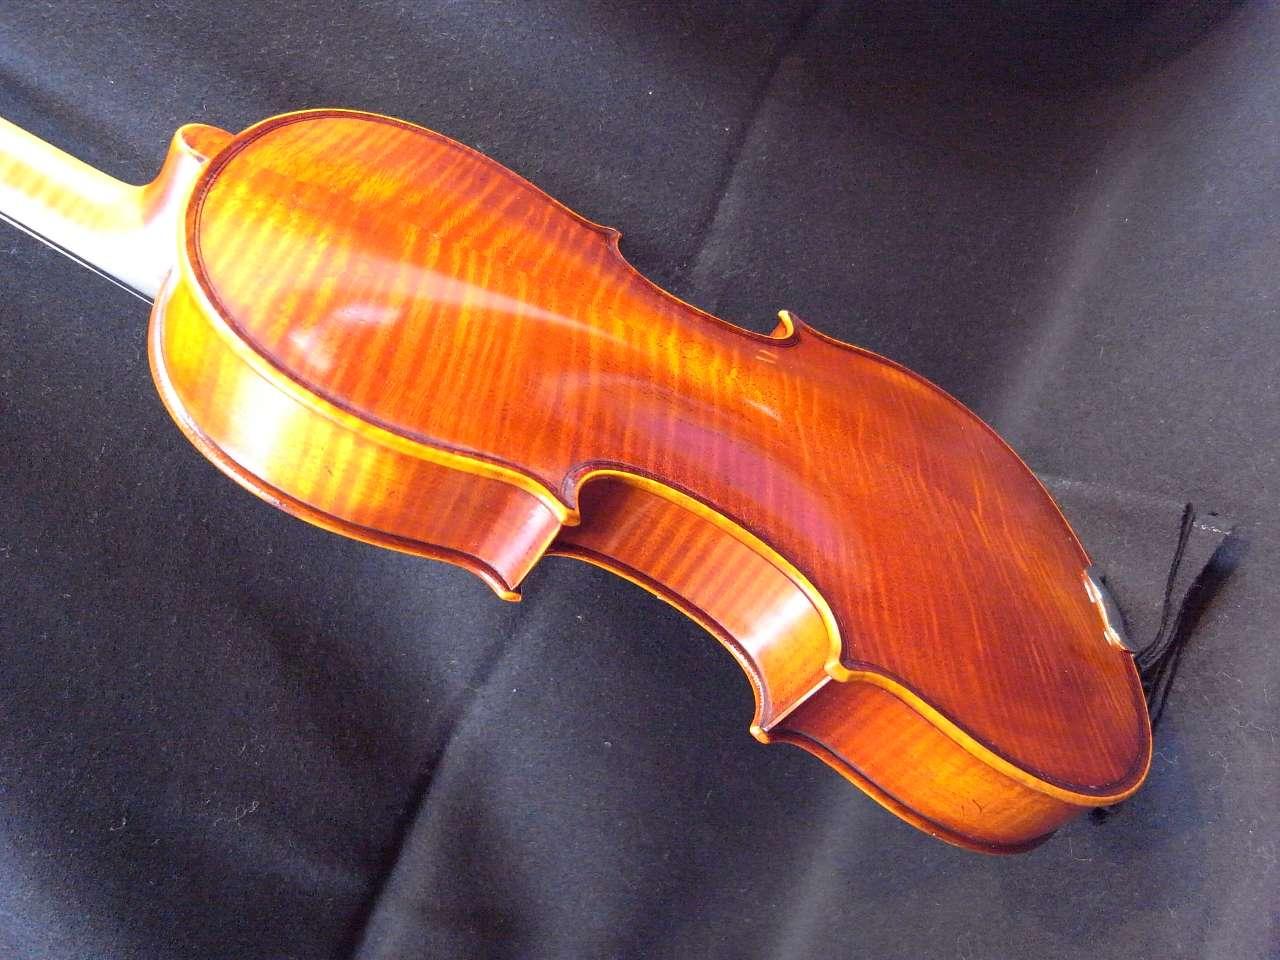 画像1: カローラヘンデル工房 ストラドモデルバイオリン ドイツ製  Carola Hendel violin Stradivari Model #201a